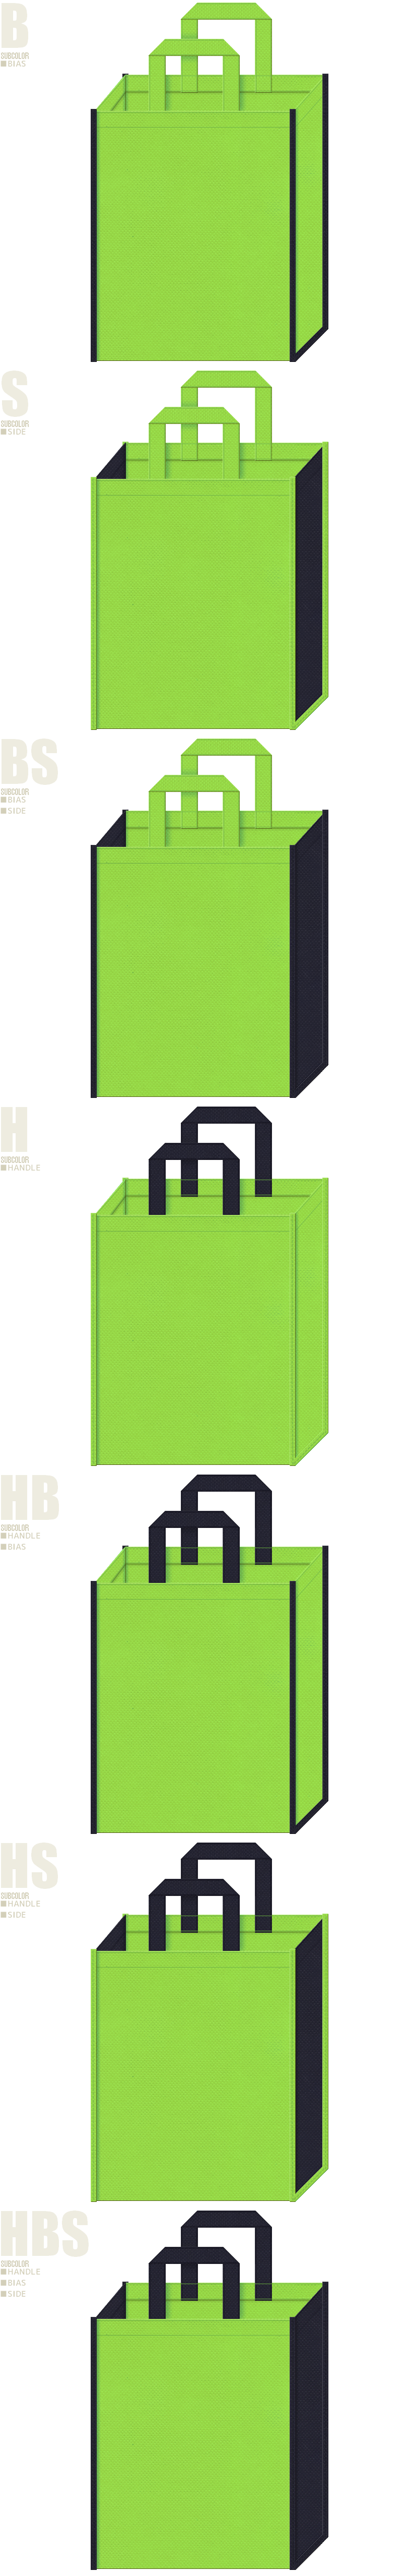 ユニフォーム・運動靴・アウトドア・スポーツイベント・スポーティーファッション・スポーツ用品の展示会用バッグにお奨めの不織布バッグデザイン:黄緑色と濃紺色の配色7パターン